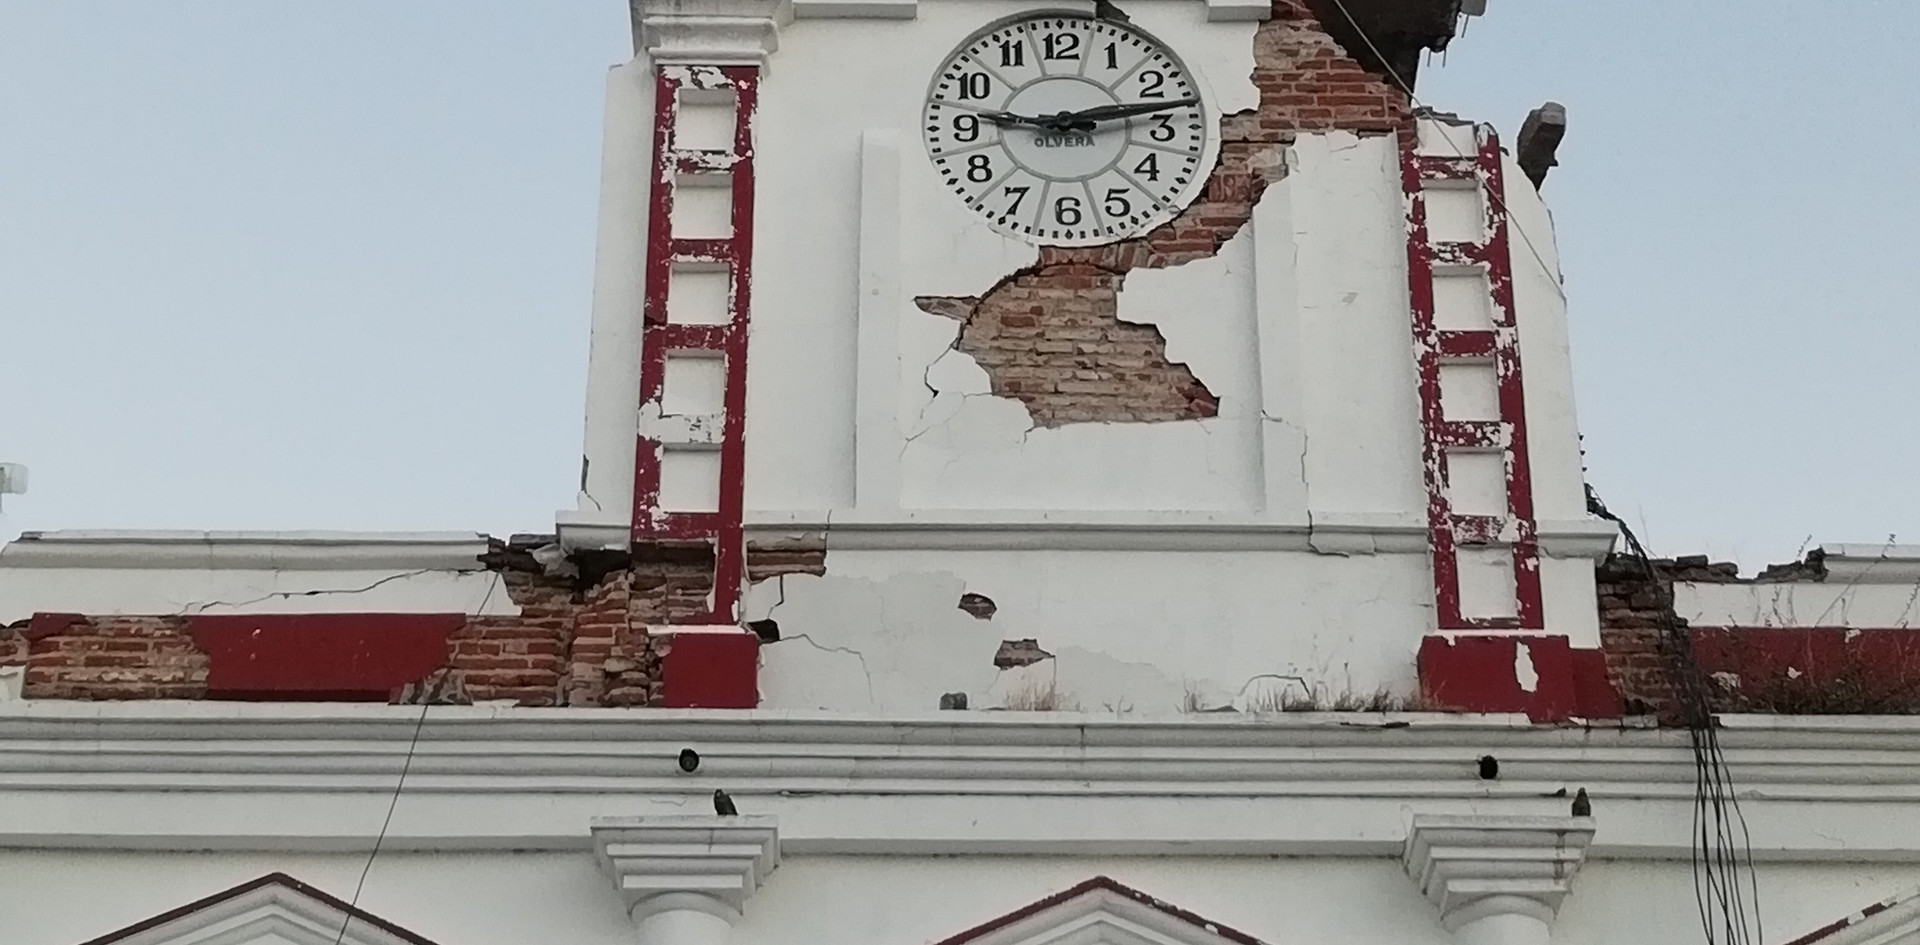 Foto de lugar donde transcurre el tiempo